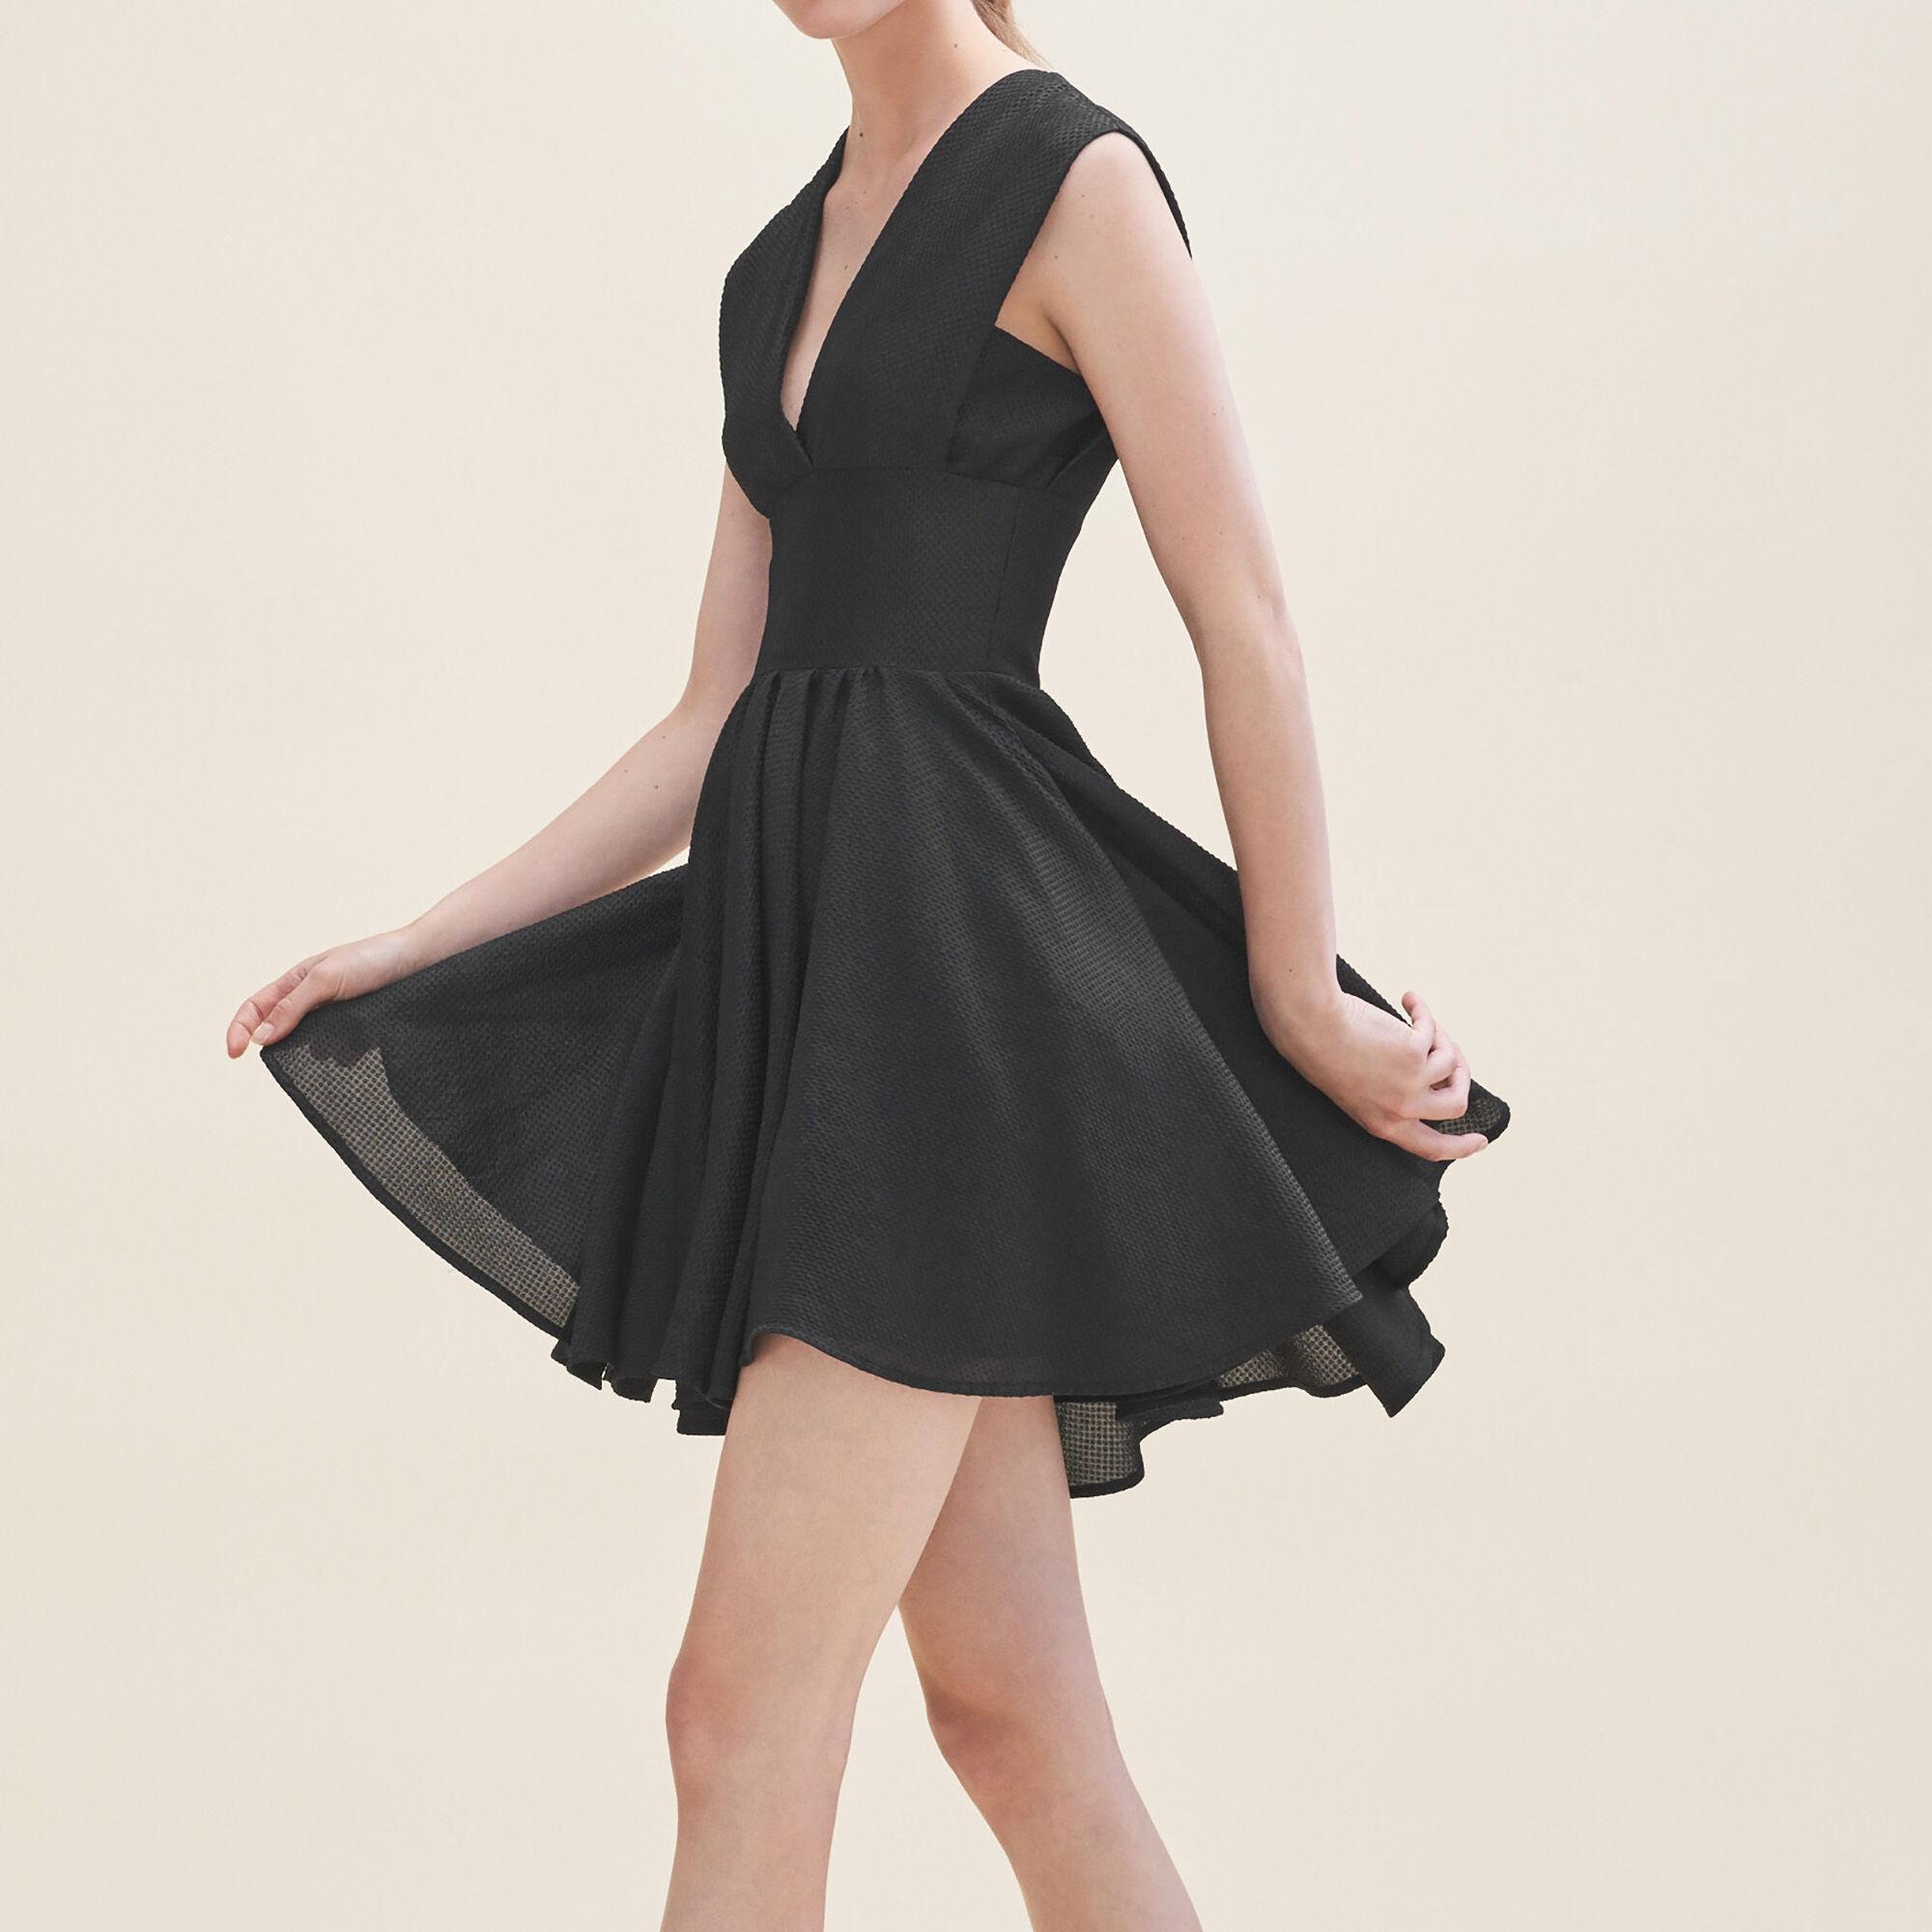 Dresses True Sleeveless Skater Dress : Dresses Color Black 210